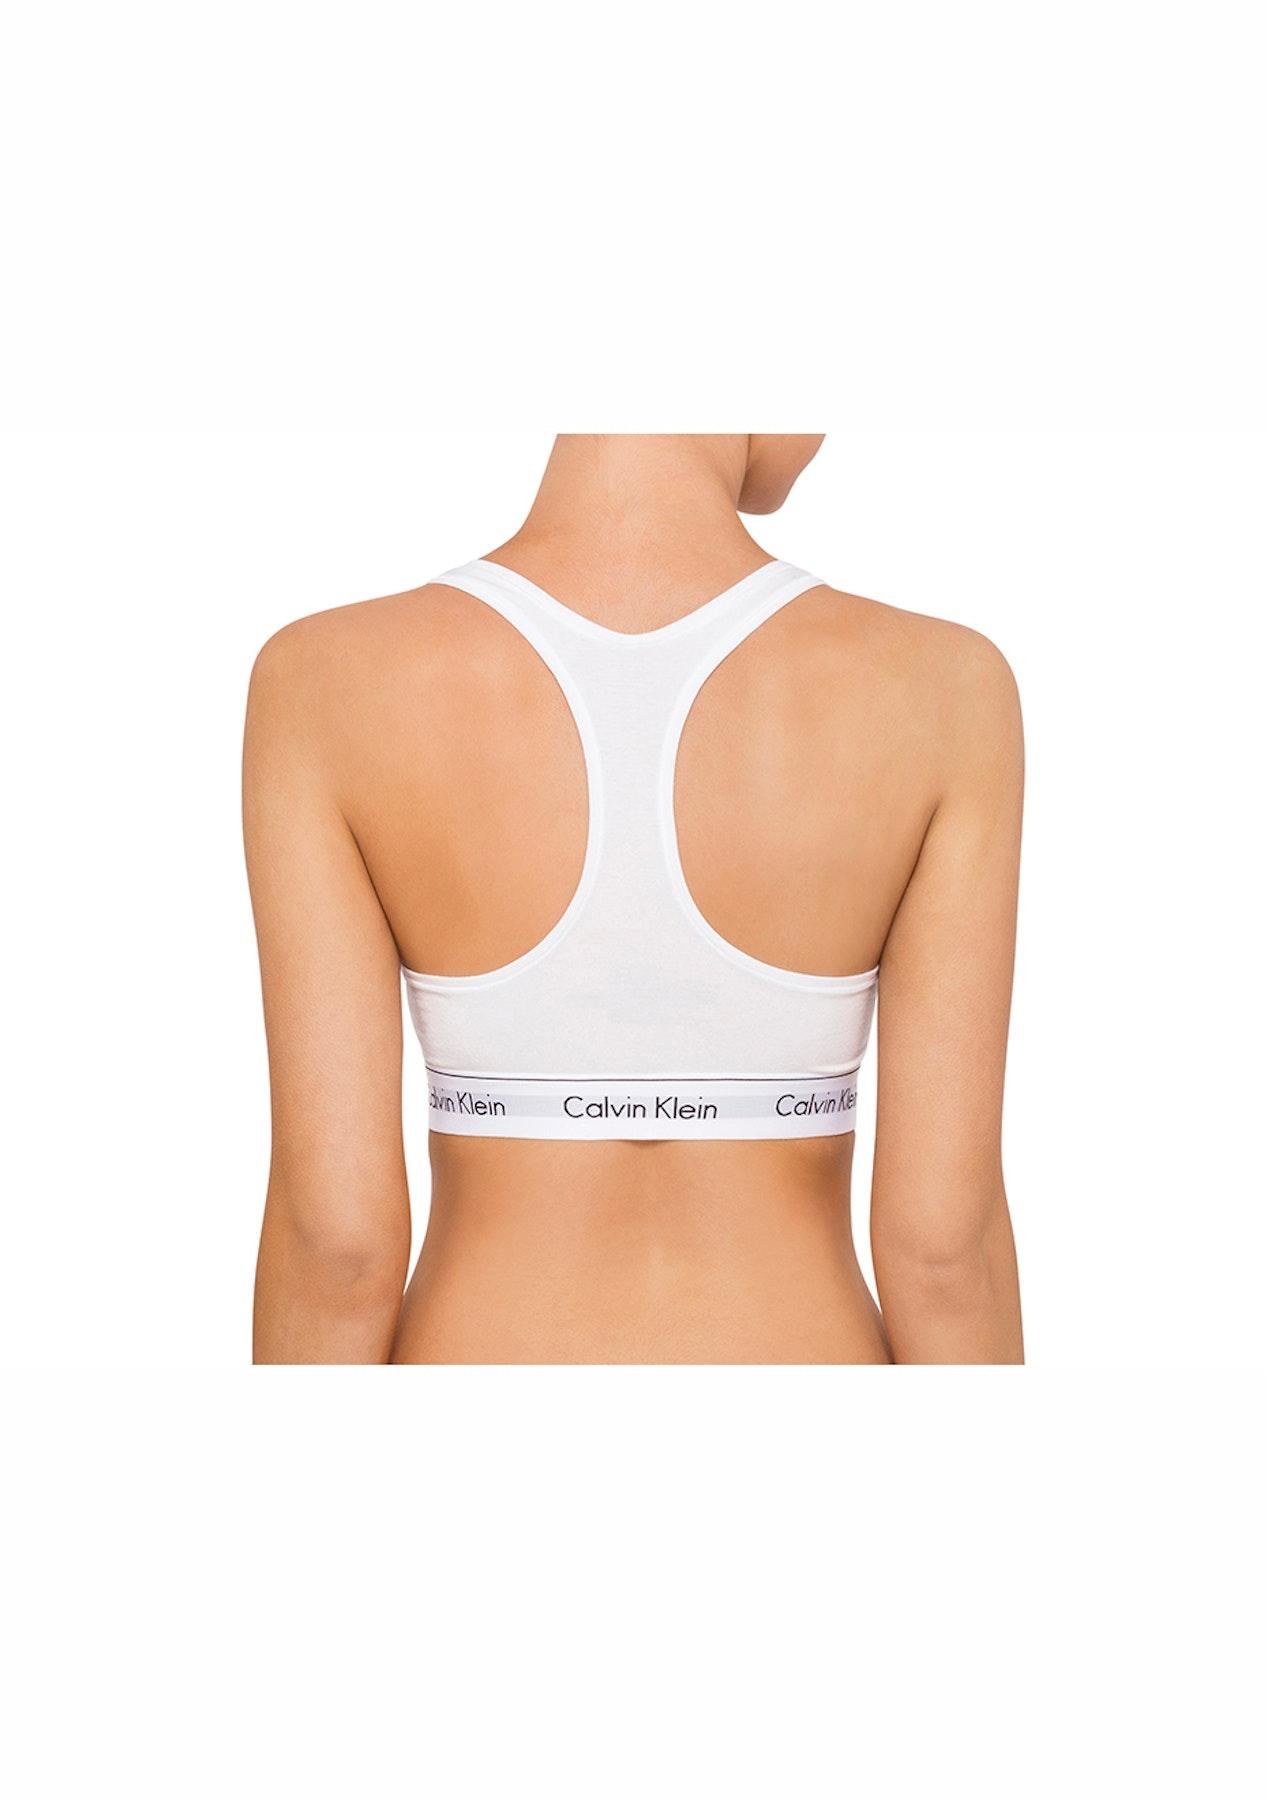 15b909f171 Calvin Klein - Modern Cotton Bralette   Bikini Set - White - CK MODERN  COTTON Sets! - Onceit